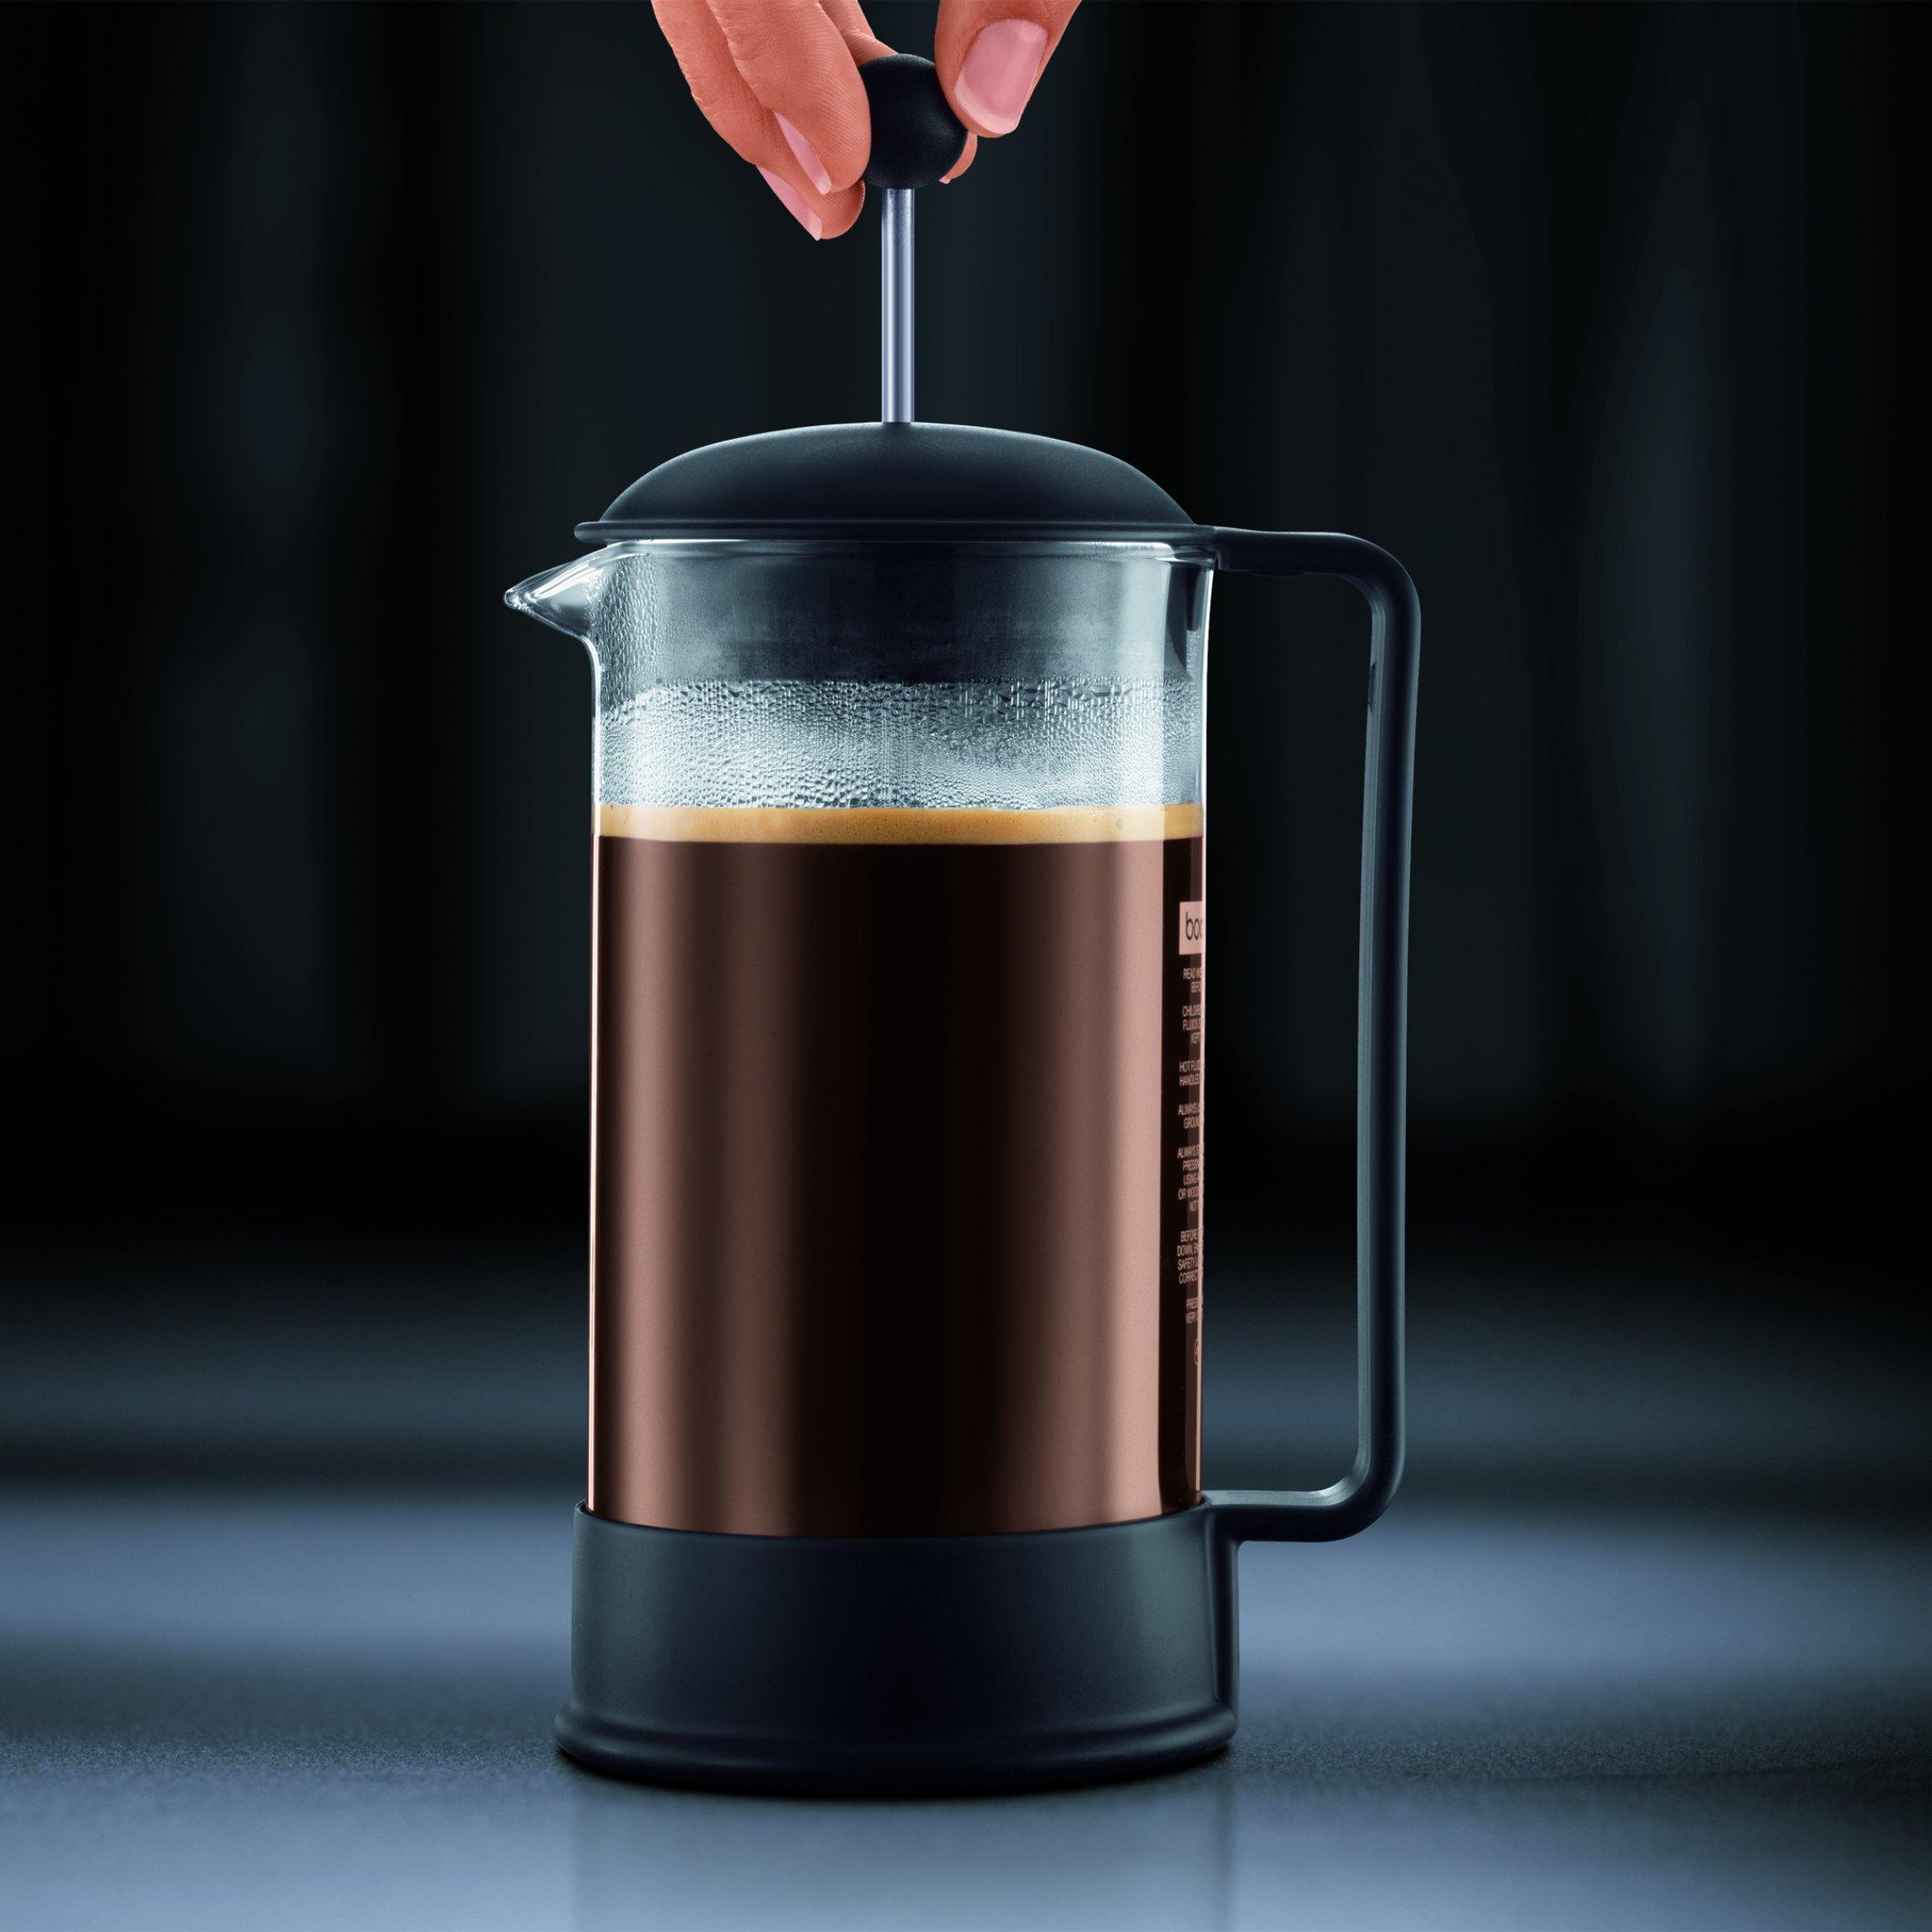 Bodum Brazil Cafetera émbolo, Negro, Transparente, Centimeters: Amazon.es: Hogar